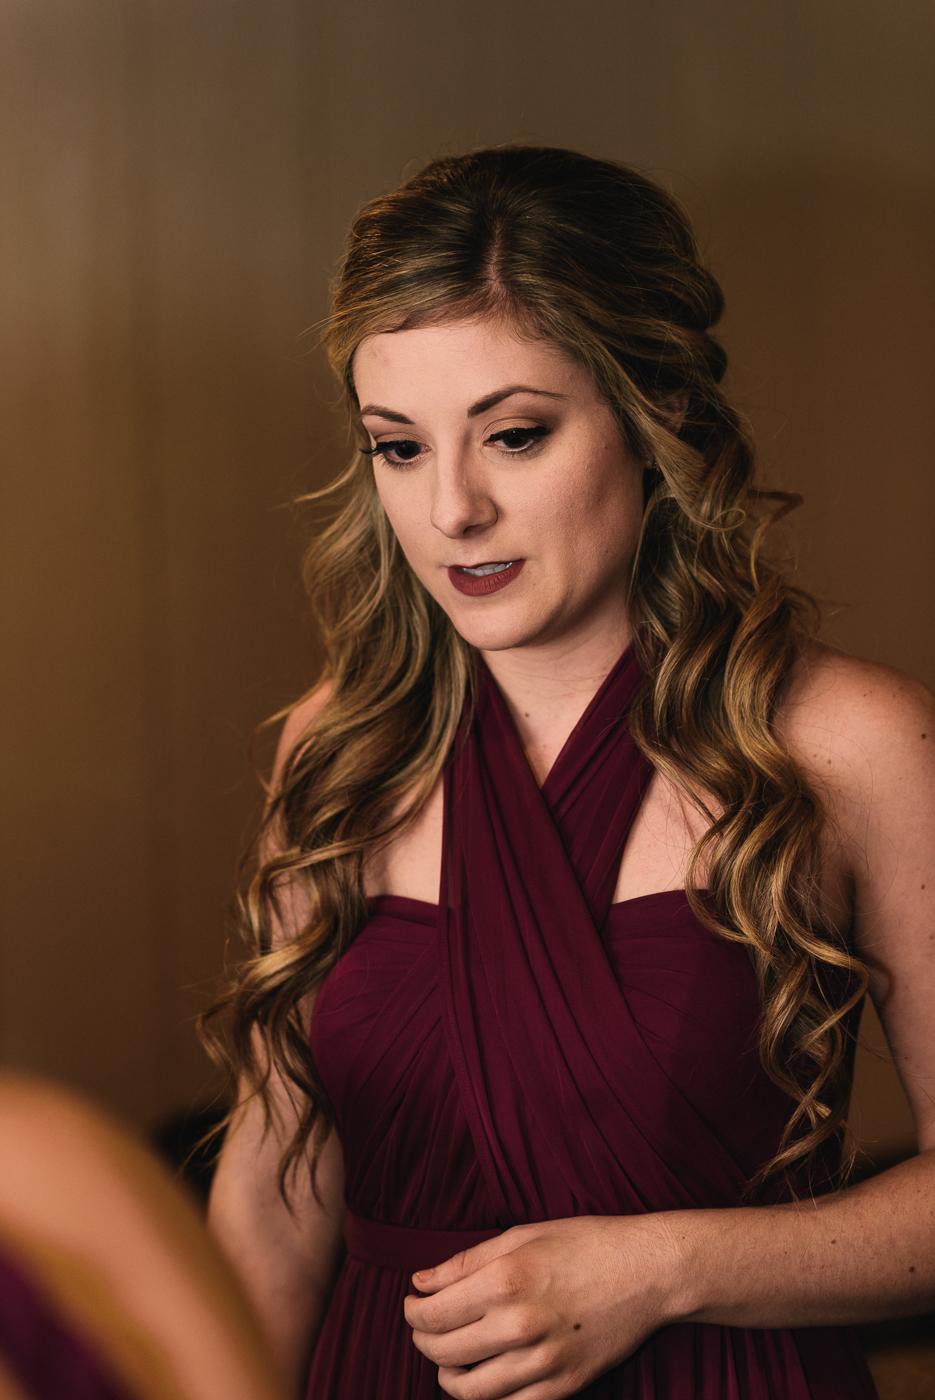 bridesmaid maroon dress hair and makeup curly hair halter top